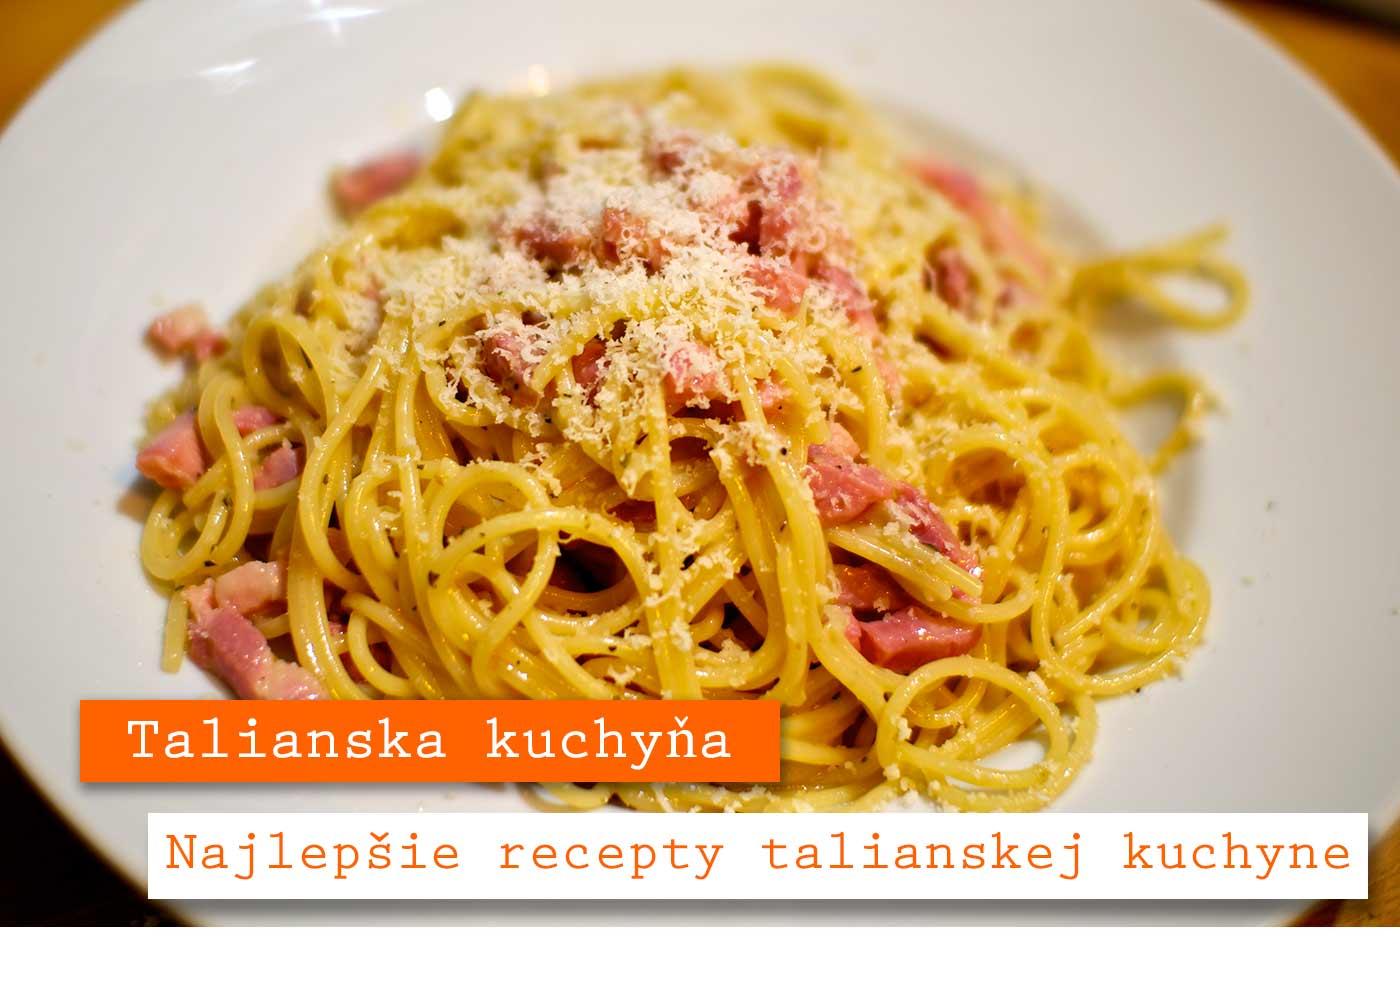 Talianska-kuchyňa Recepty na špeciality kuchyne, najlepšie na jedálny lístok